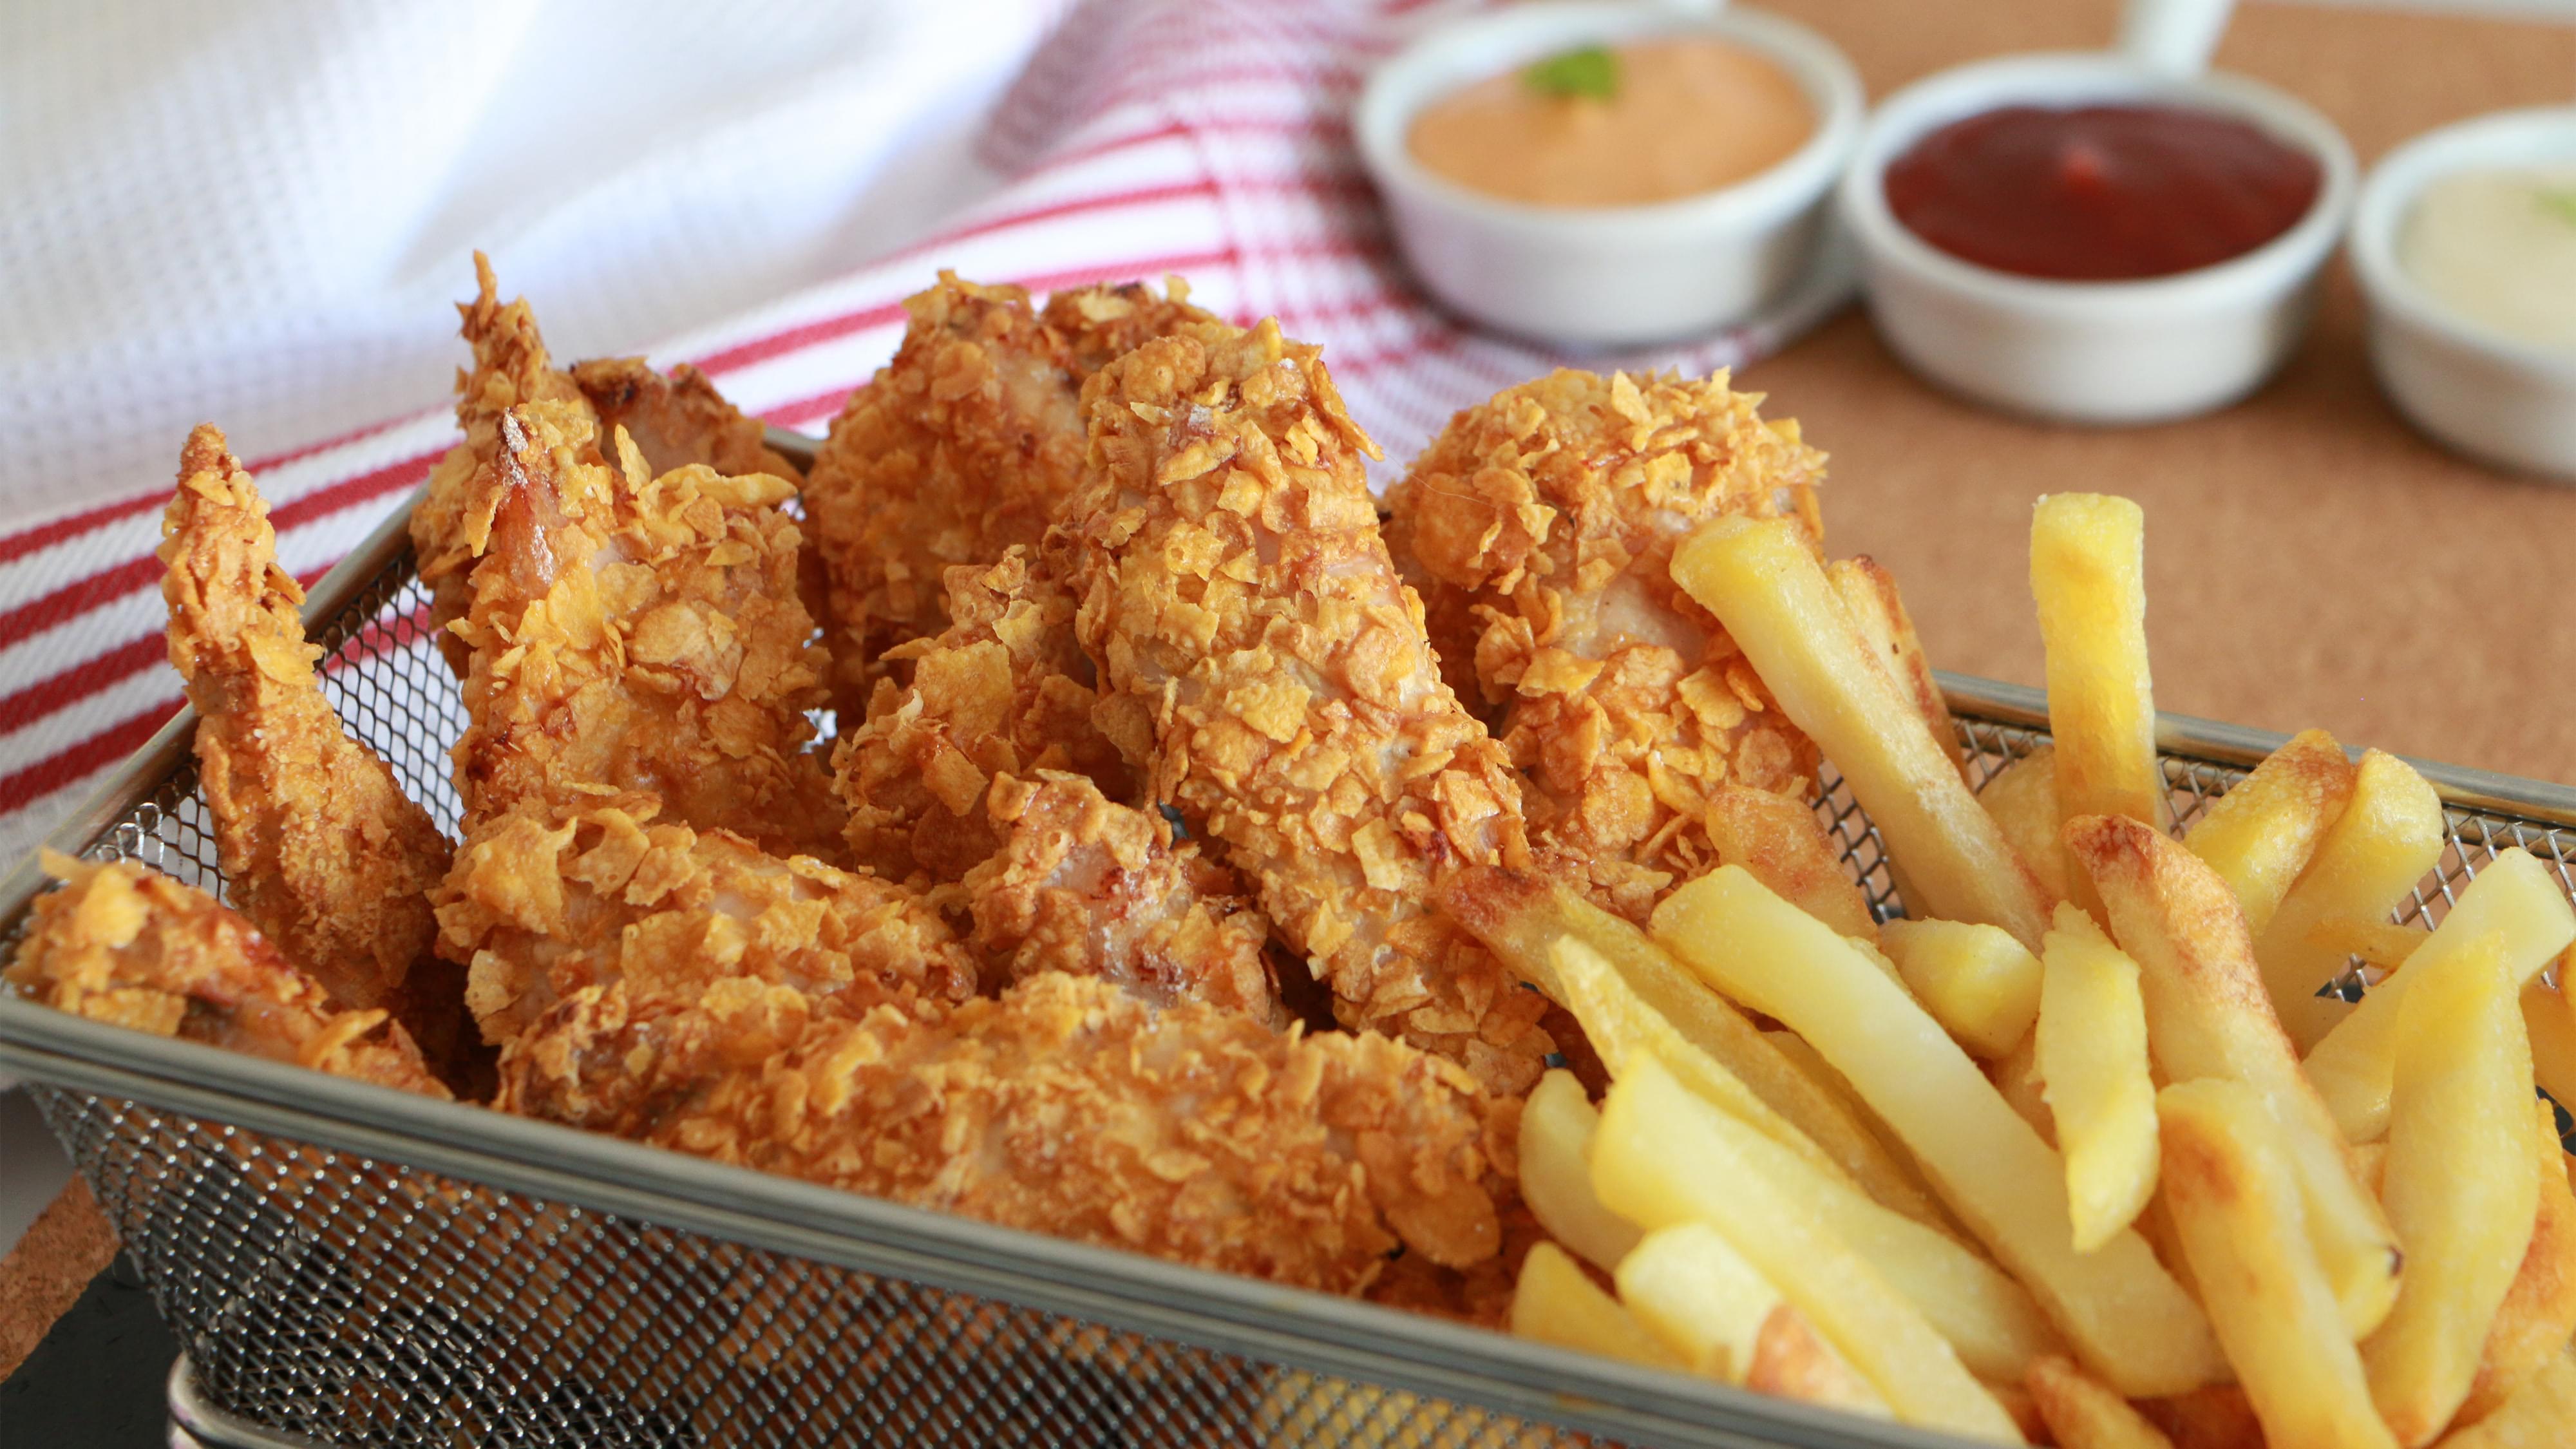 Gluten Free Corn Flakes Breaded Chicken Fingers Recipe